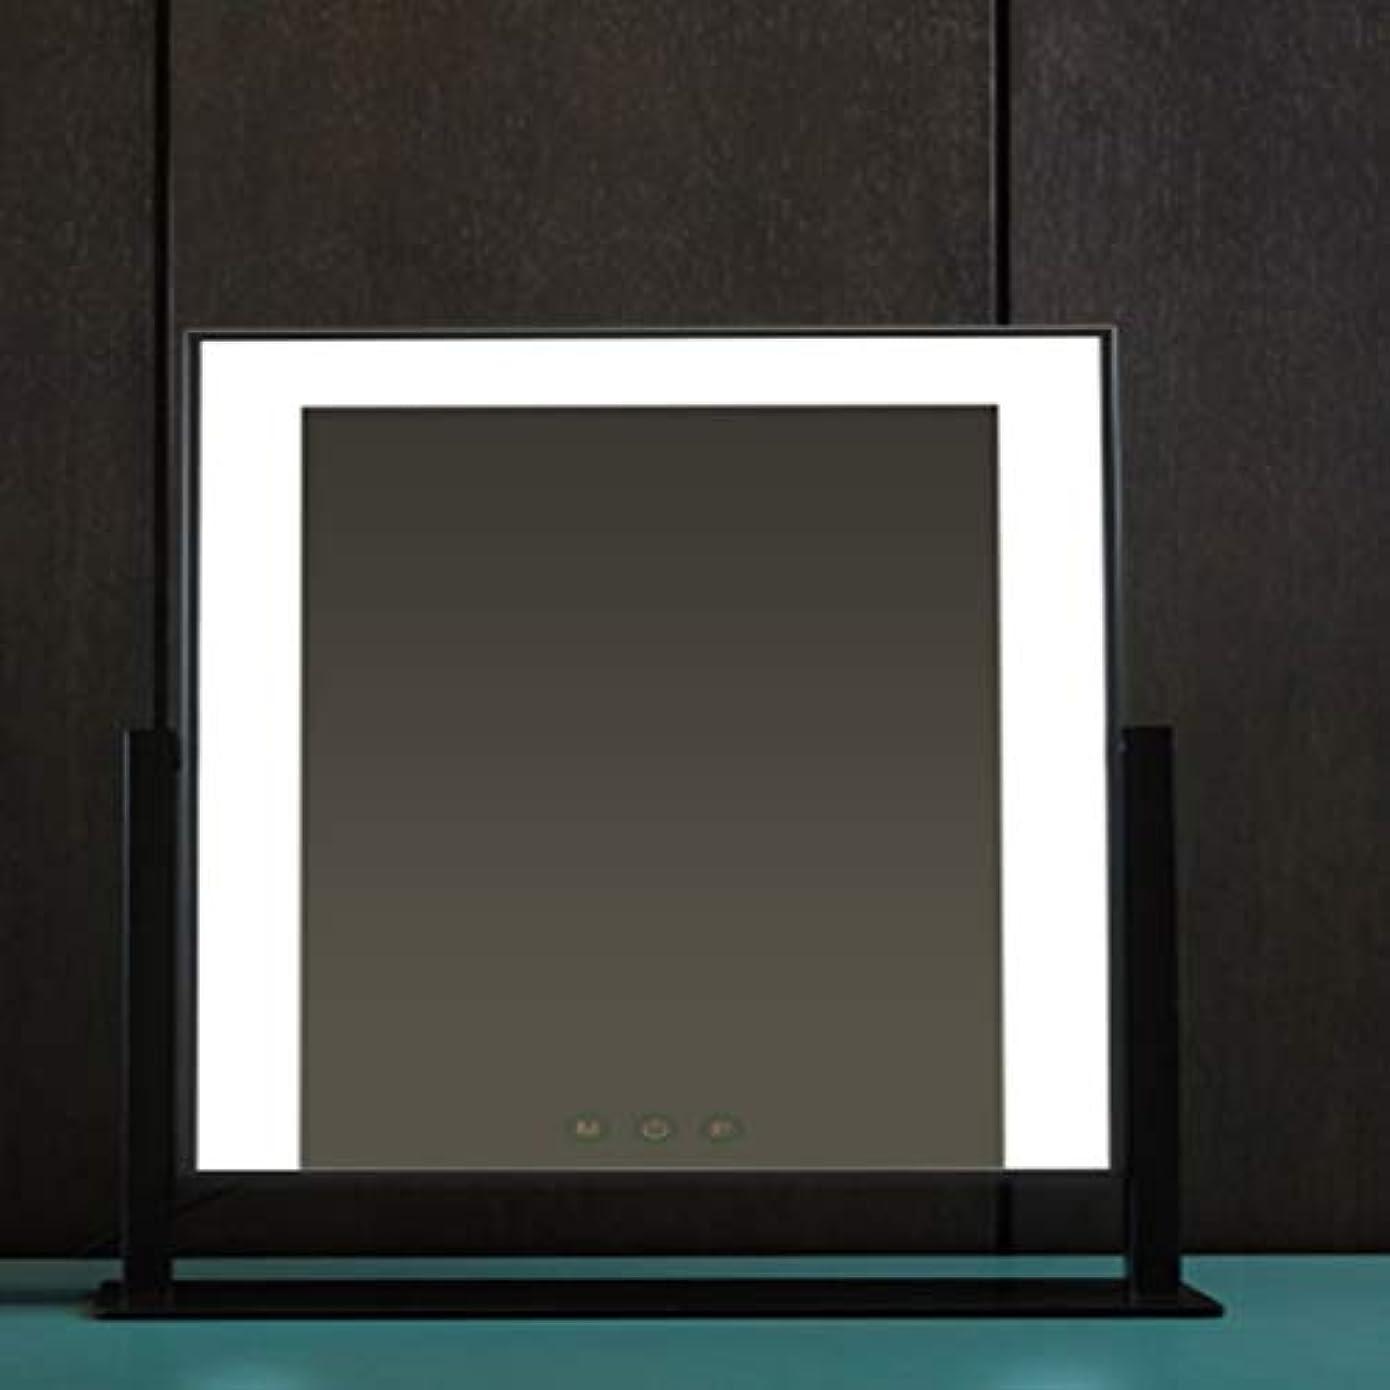 申し込む所有権寝具フィルライトled化粧鏡デスクトップ、照明付き充電ミラー、デスクトップ大型電球化粧鏡 (Color : Black)